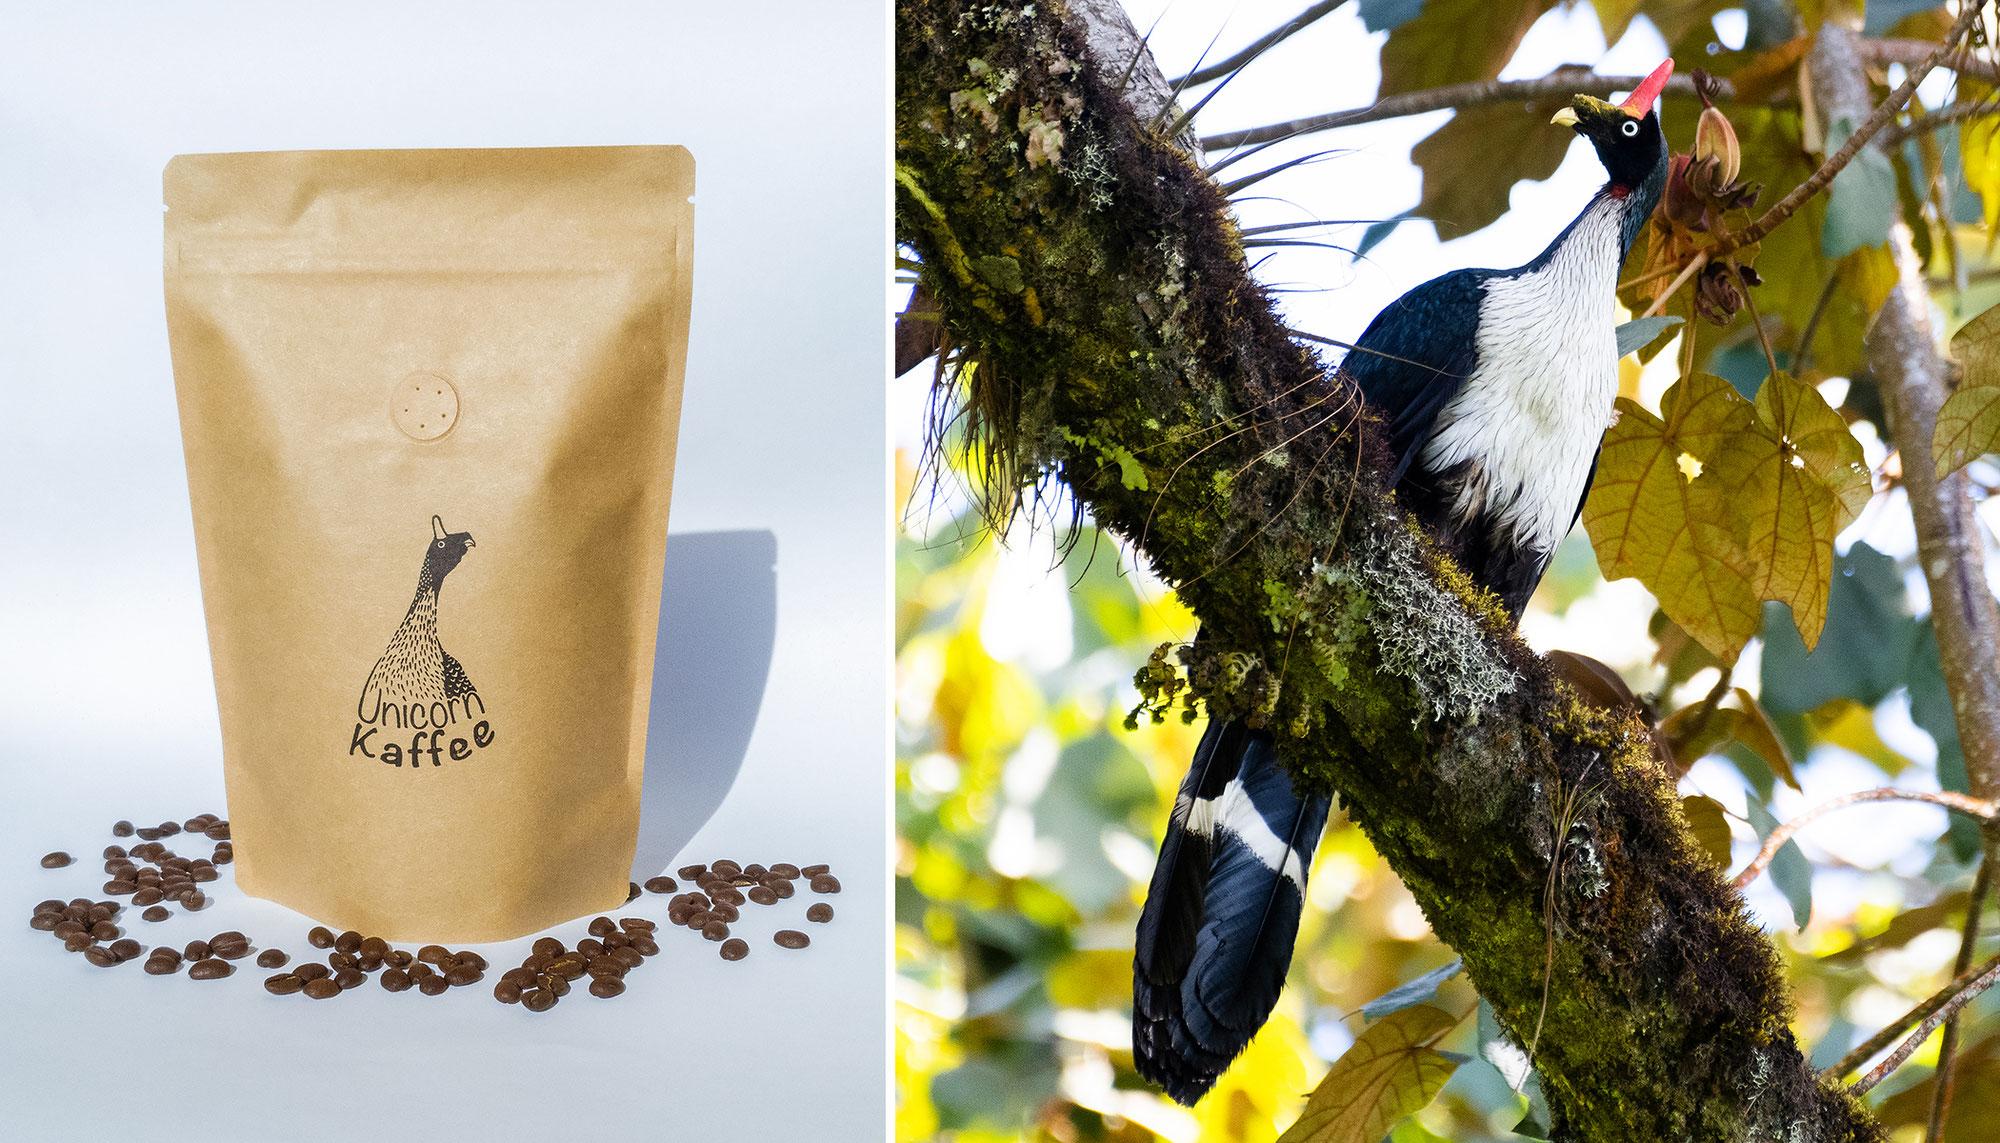 Vogelfreundlich & exquisit: Unicorn Kaffee